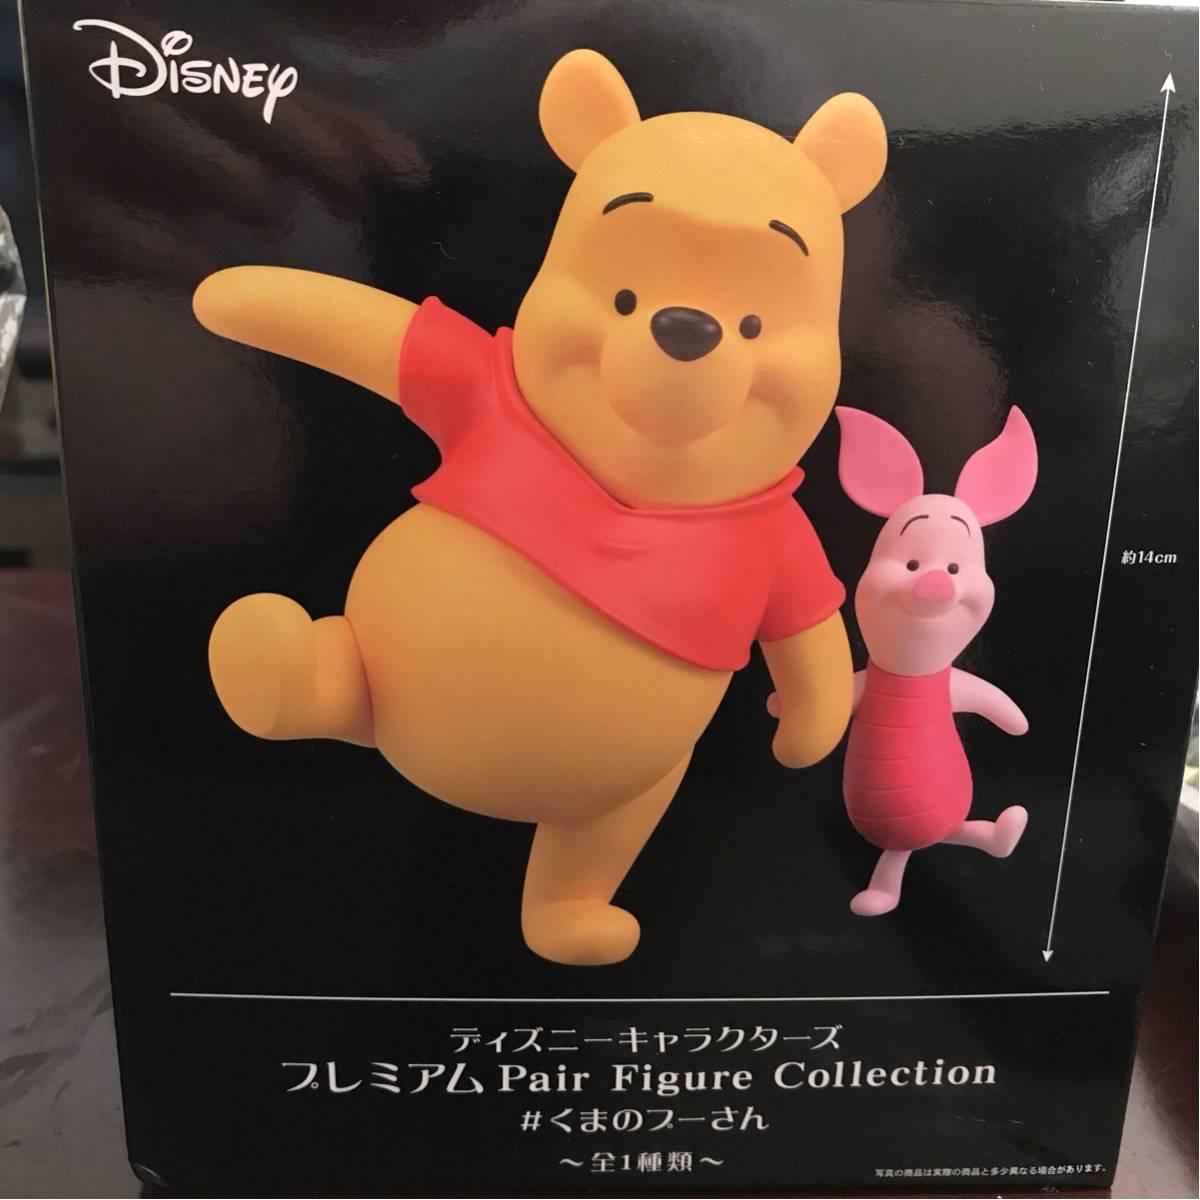 ディズニーキャラクターズ くまのプーさん プレミアム ペア フィギュア コレクション 未開封 Pair Figure Collection ディズニーグッズの画像